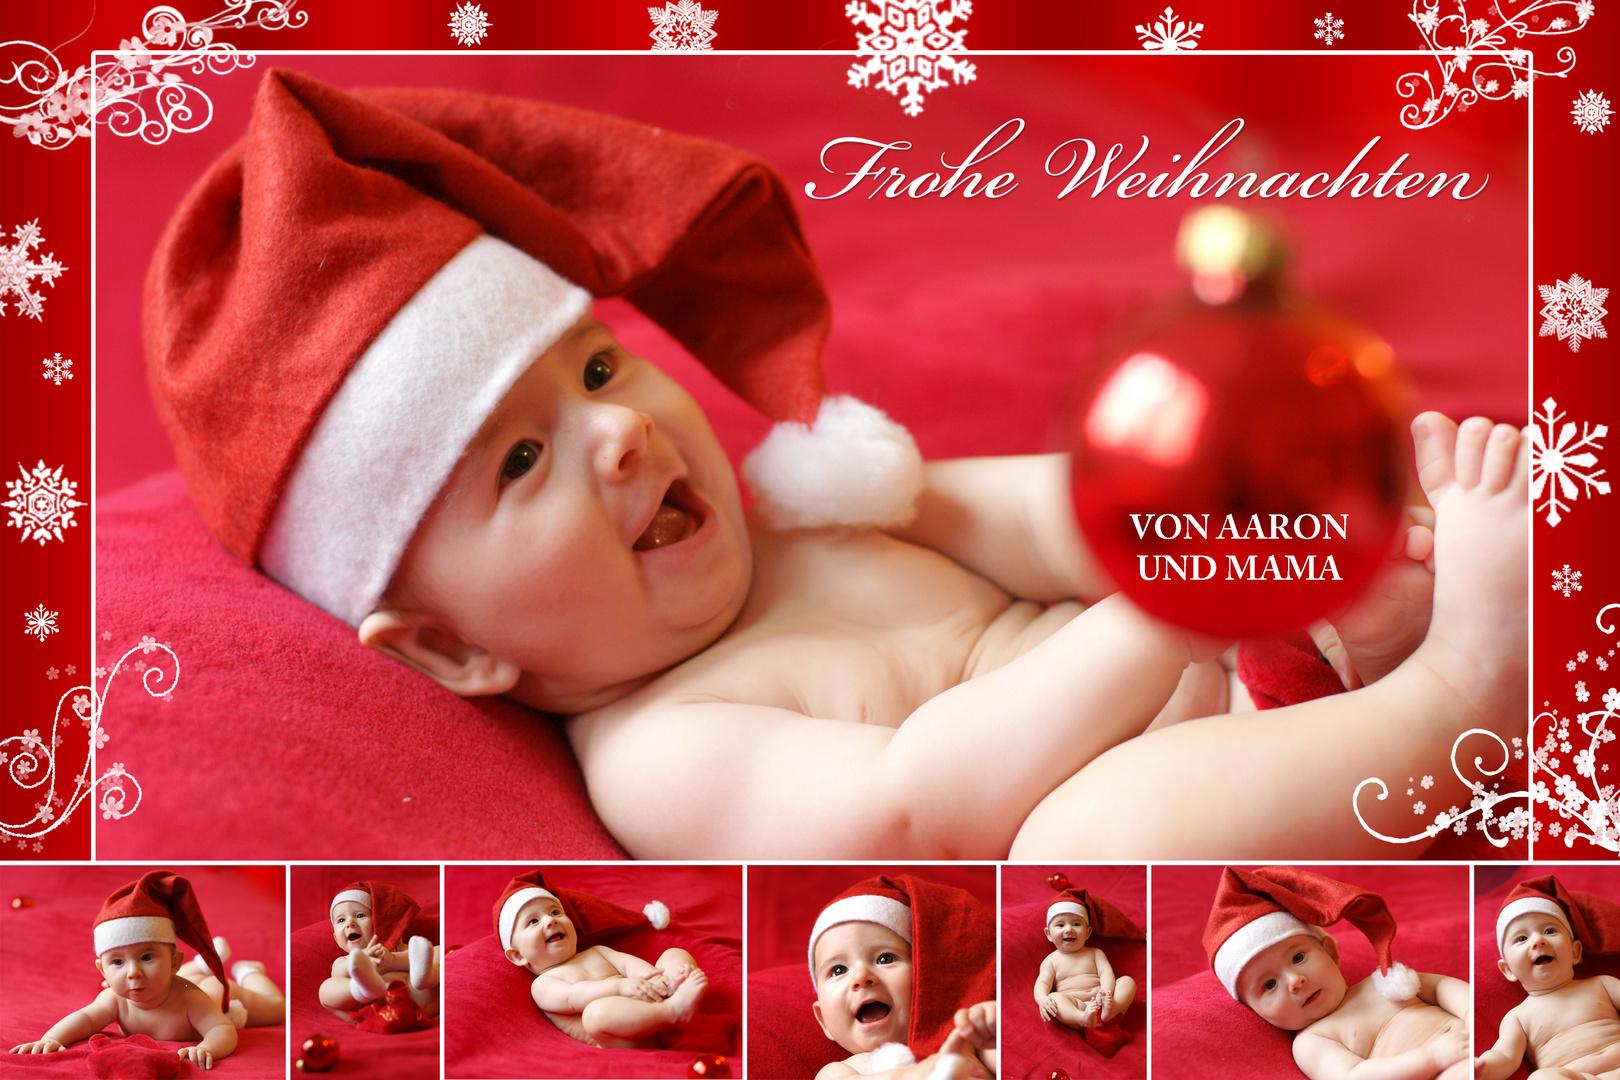 Weihnachtskarten Babyfoto.Weihnachtskarte Foto Bild Kinder Babies Portraits Bilder Auf